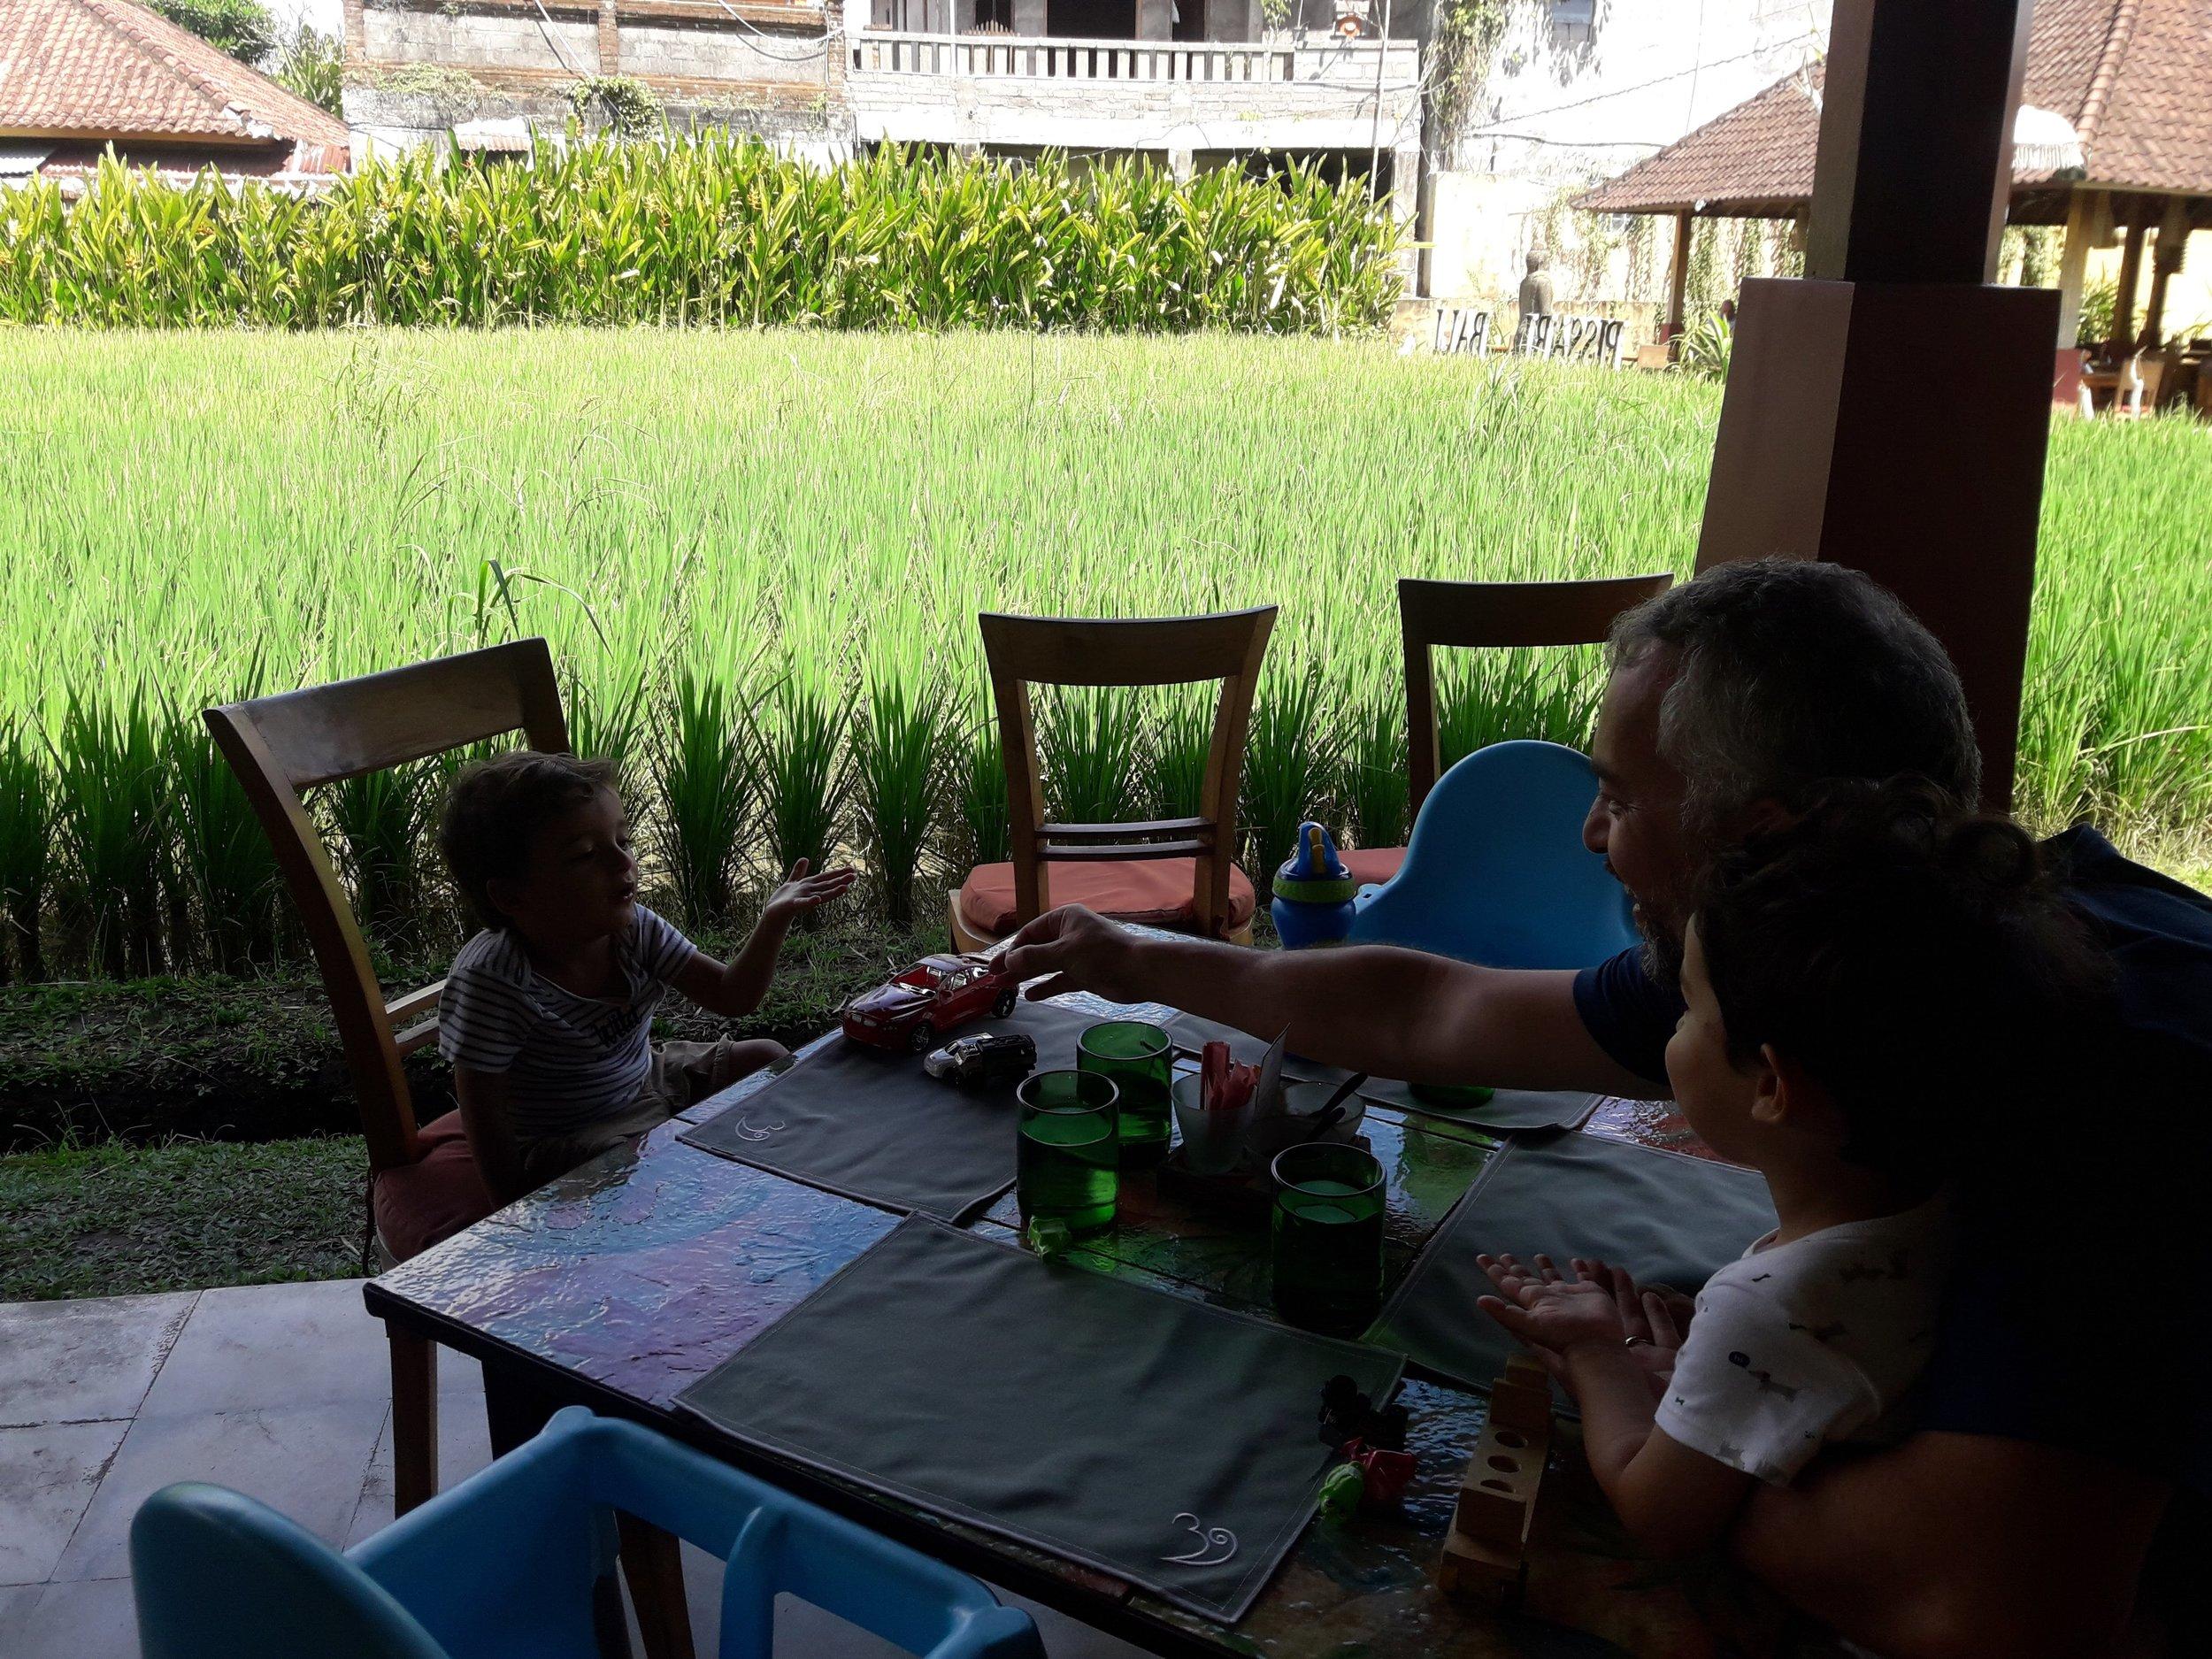 Three Monkeys Cafe: essa foto foi tirara no almoço, em um outro dia em que votamos lá.